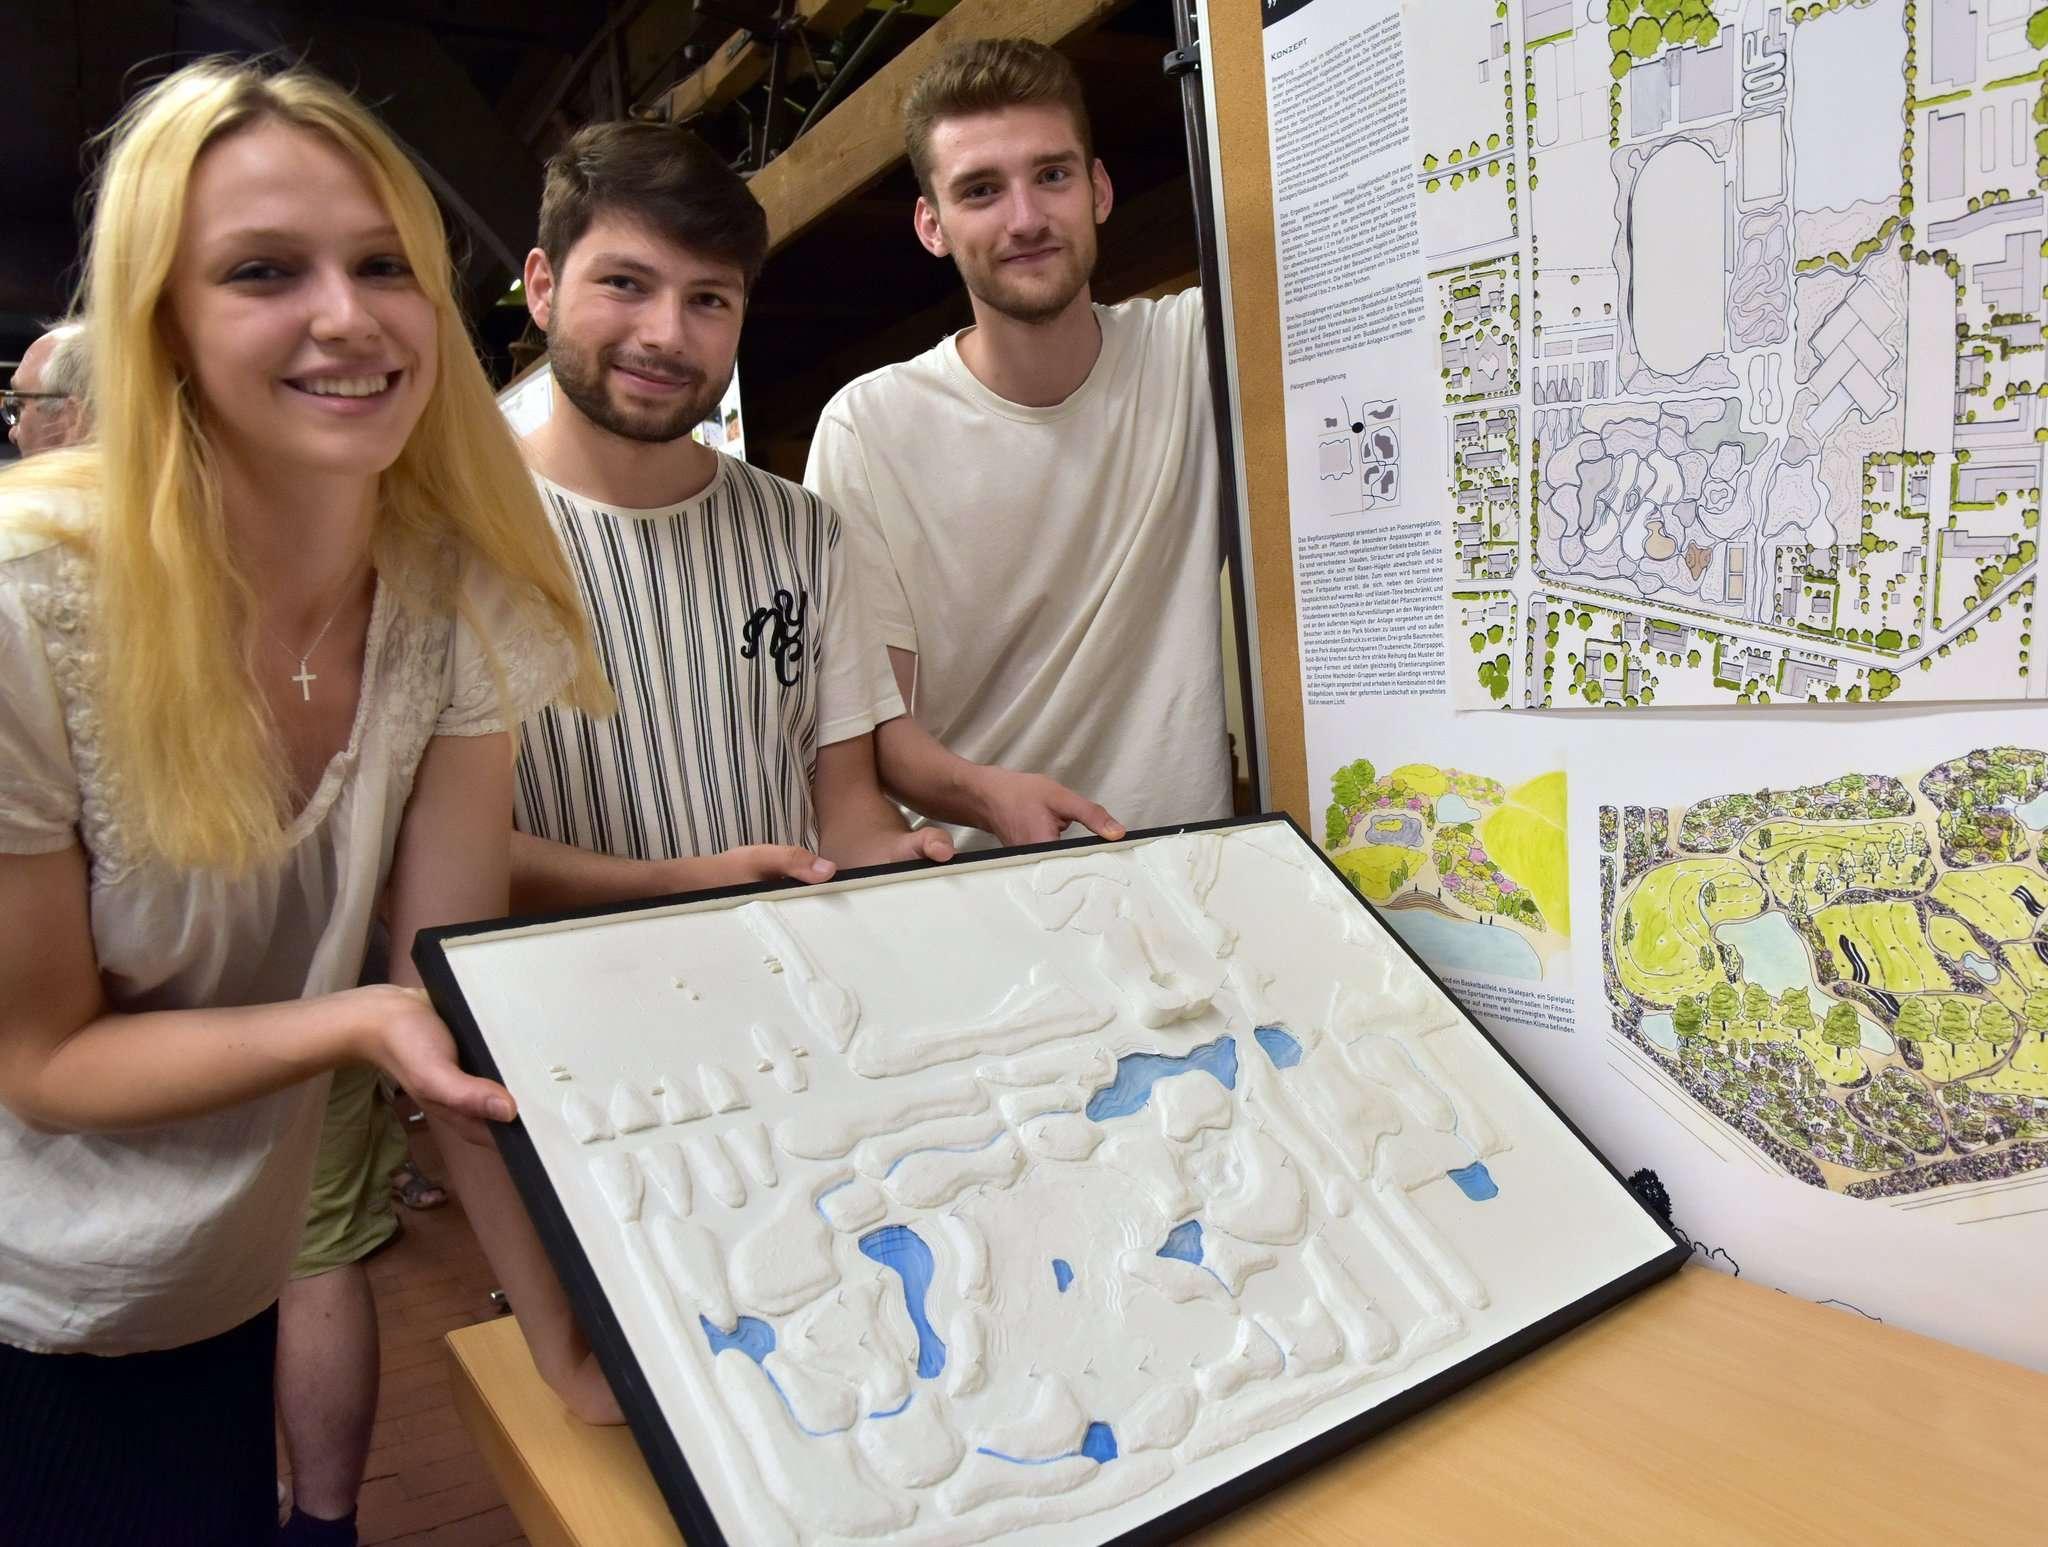 Thekla Streck, Nuri Güdel und Jonathan Mohl haben mit ihrem Entwurf